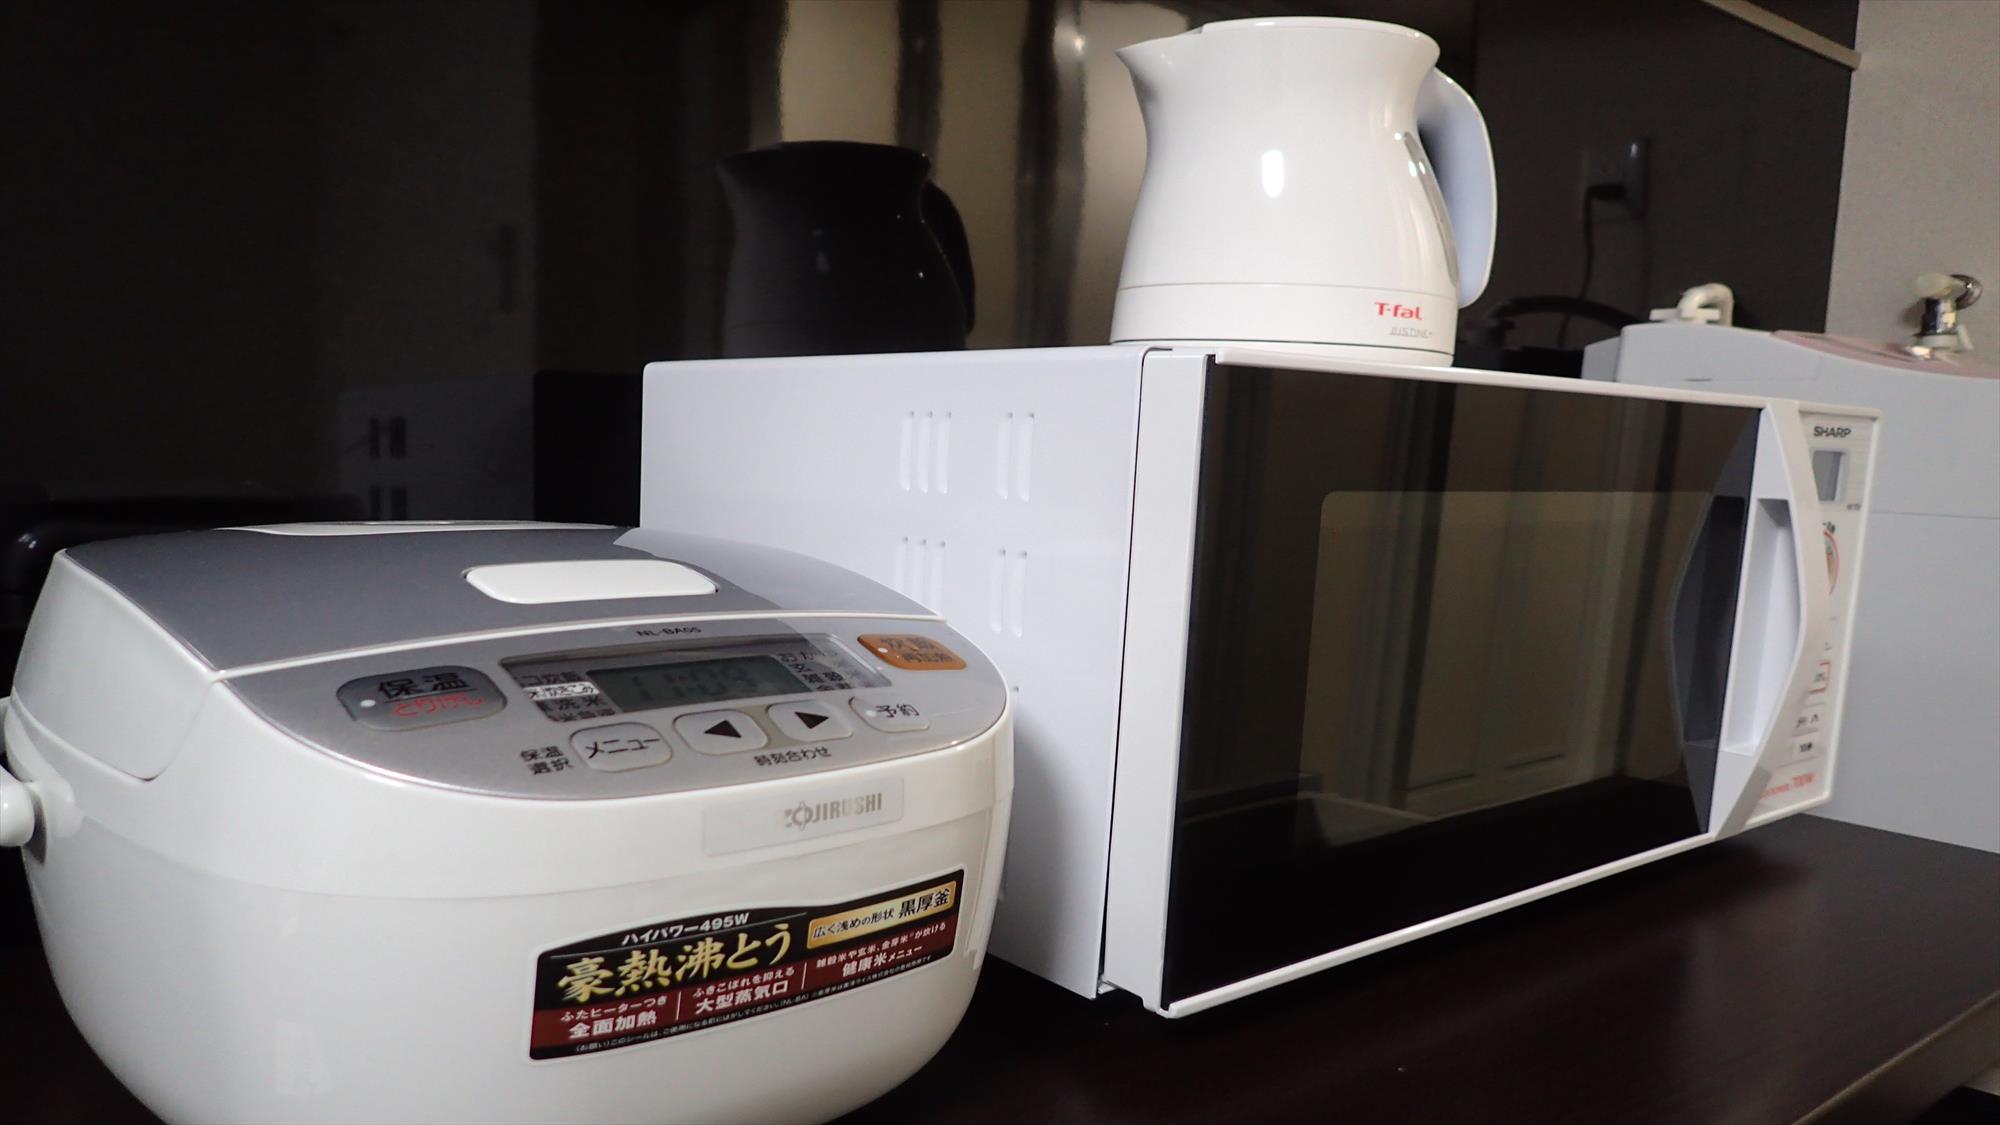 炊飯器・電子レンジ・電気ポット